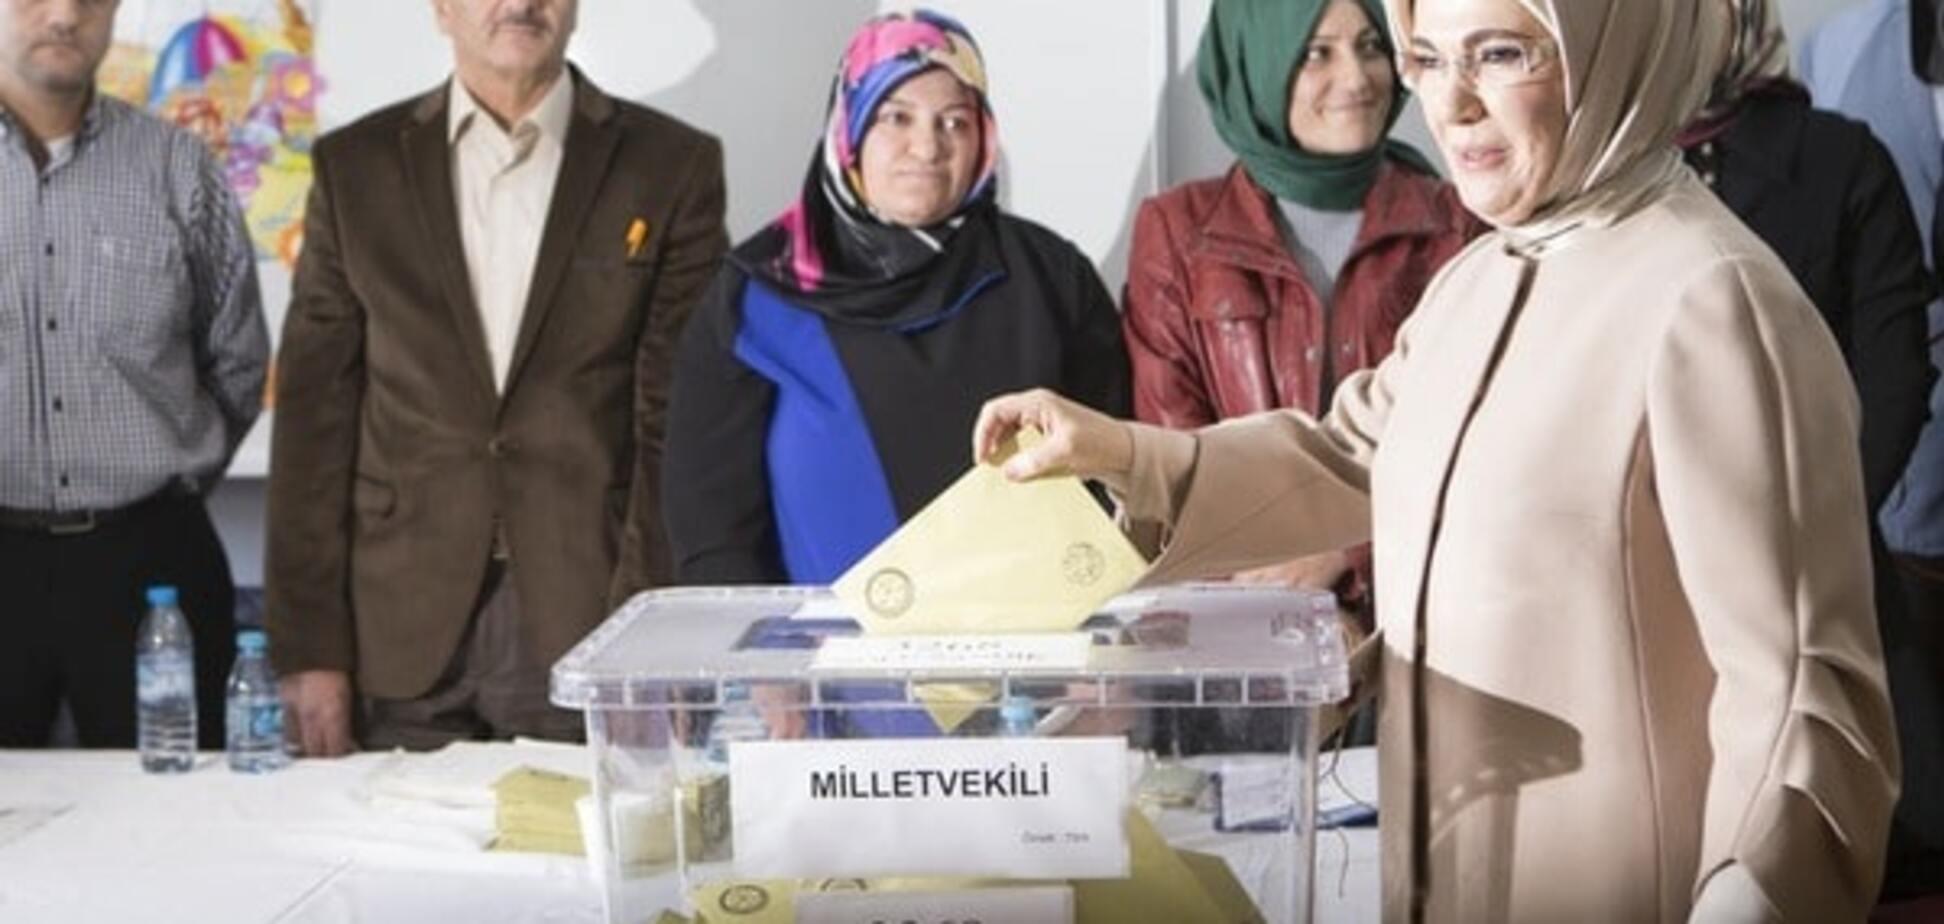 Как Эмине Эрдоган стала защитницей женщин: интересные факты о первой леди Турции